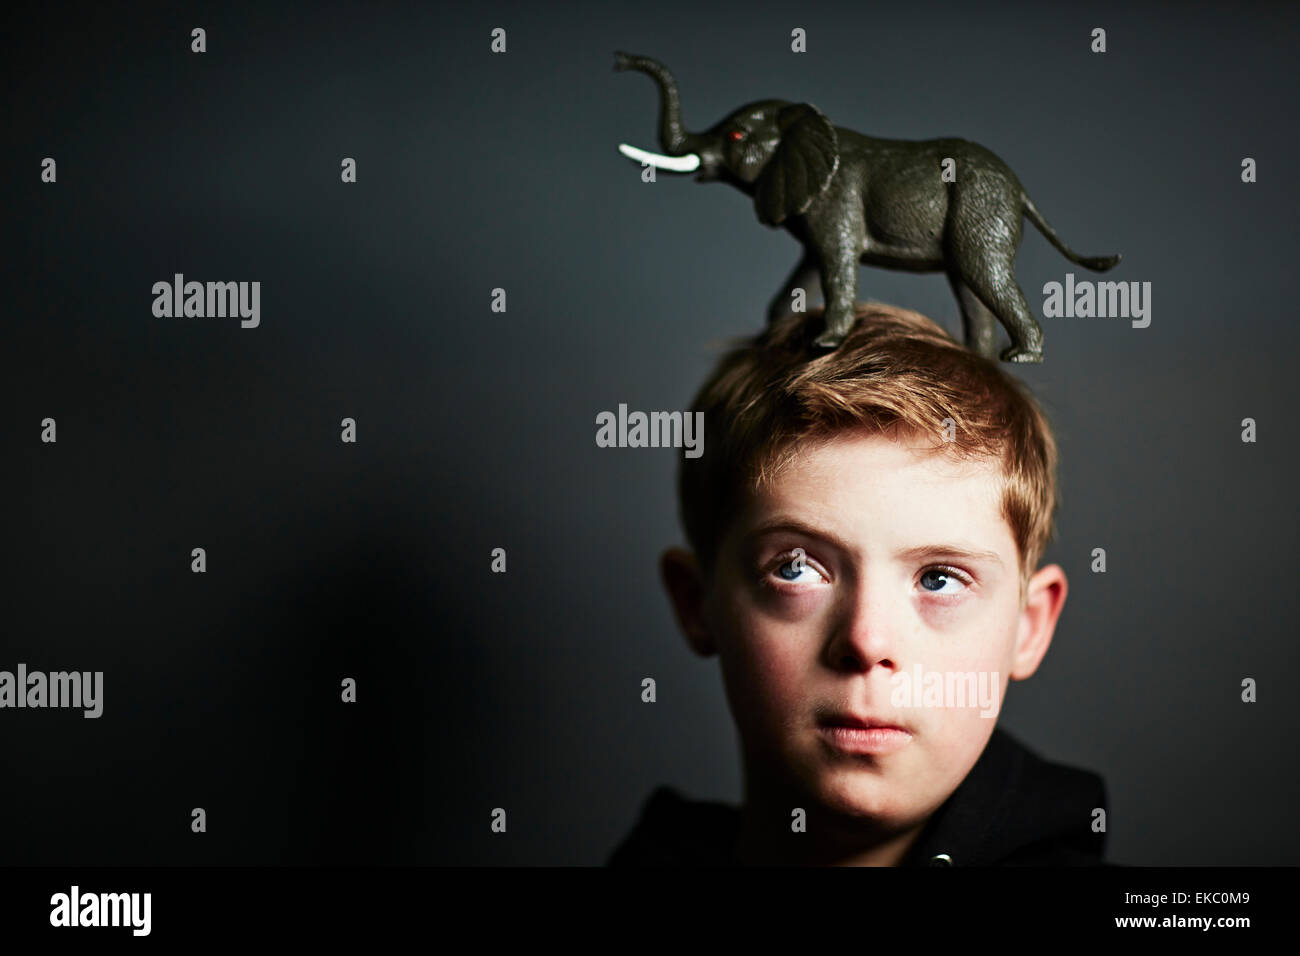 Garçon avec des jouets de l'éléphant au milieu de la tête Photo Stock